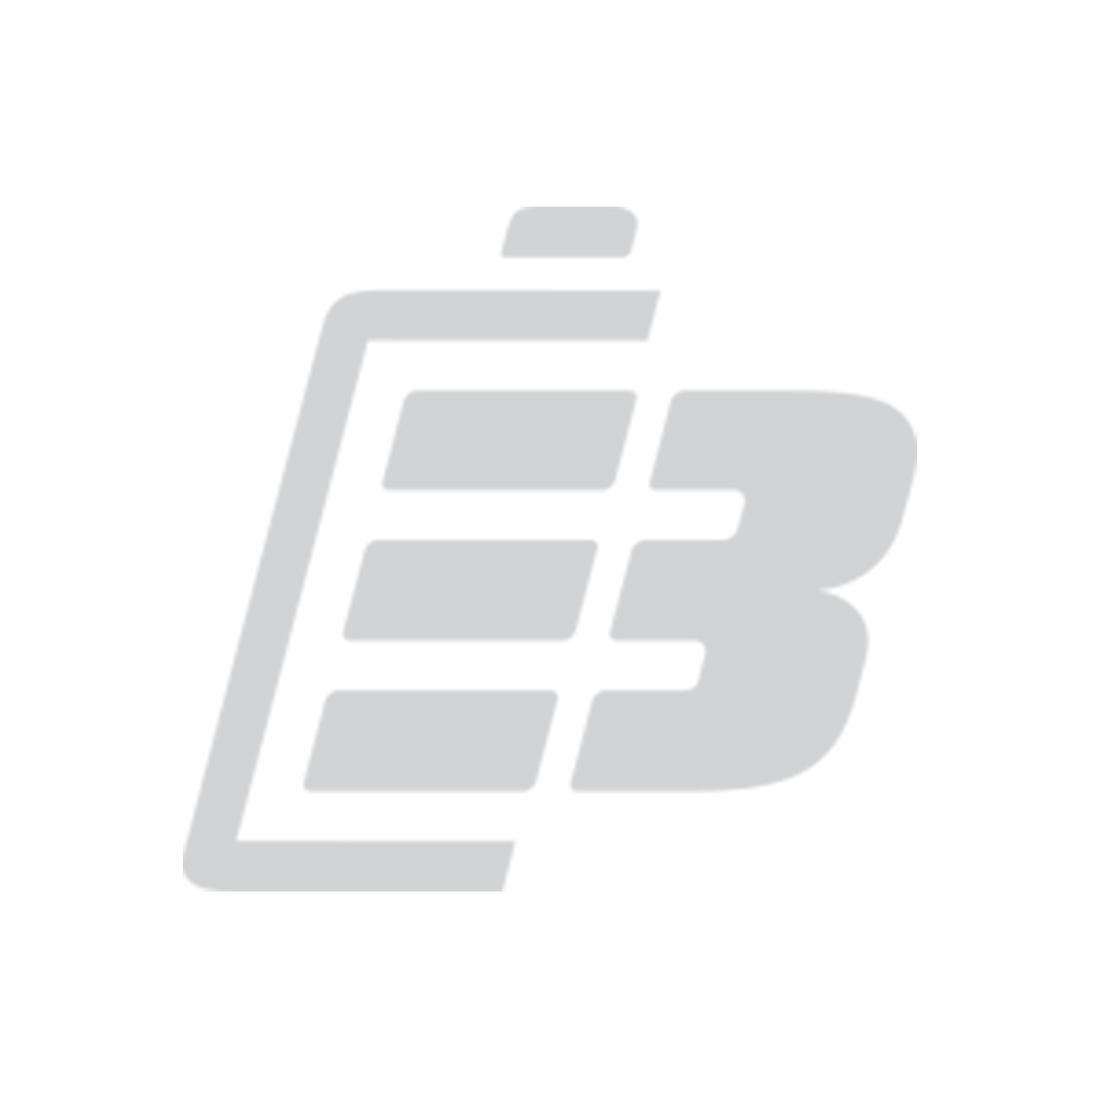 Μπαταρία smartphone Dell Streak Mini 5_1